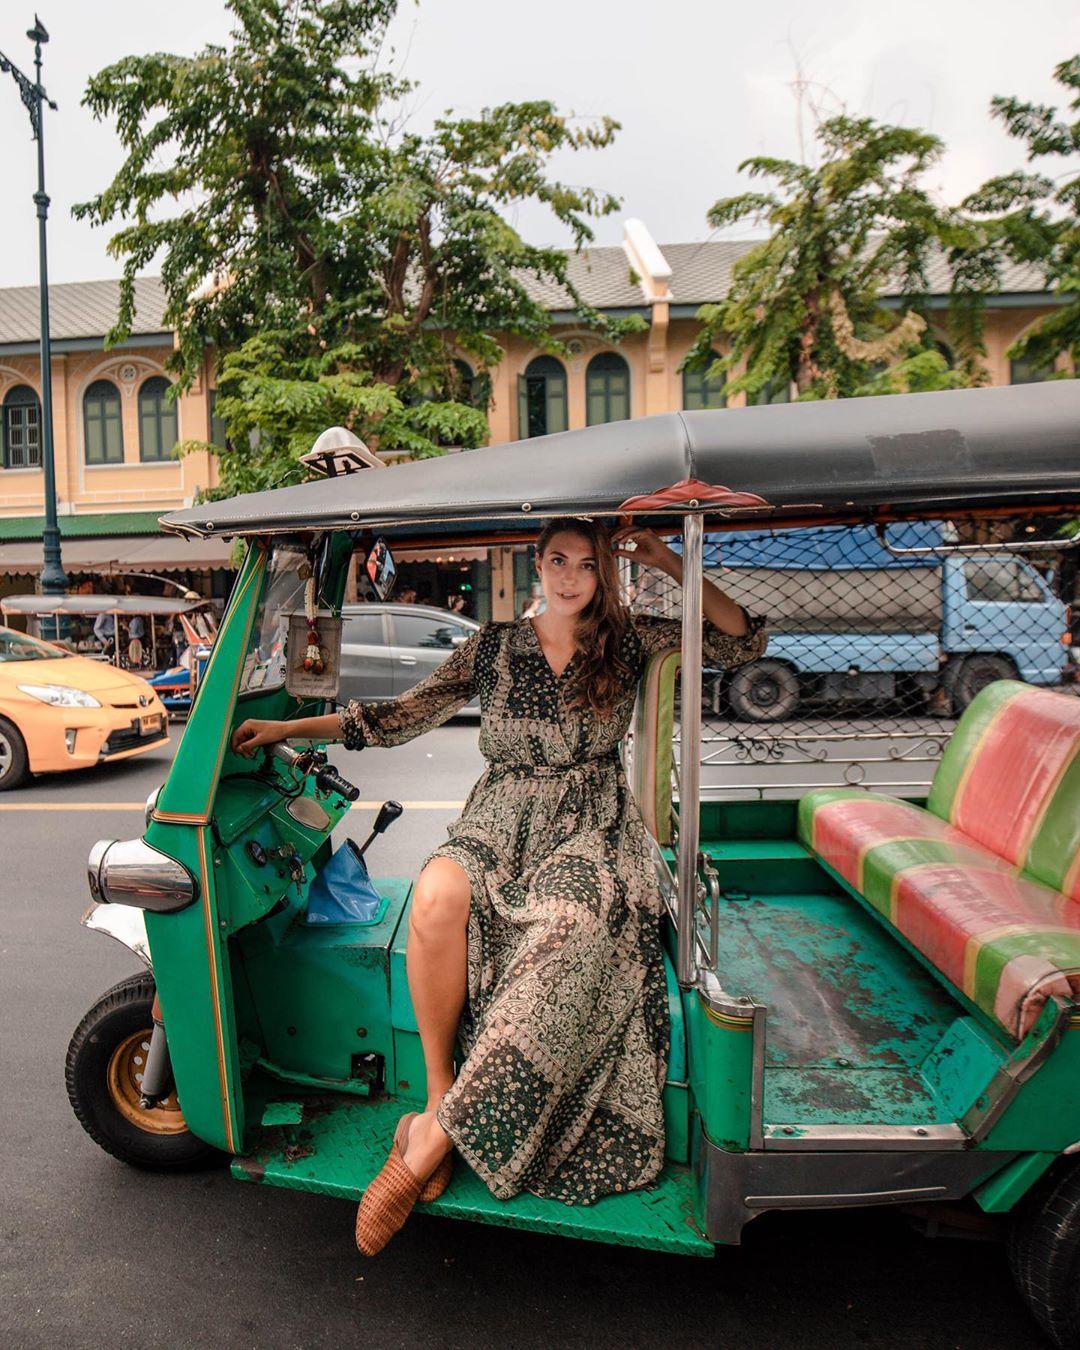 Kinh nghiệm đi Chiang Mai - Xe tuk tuk